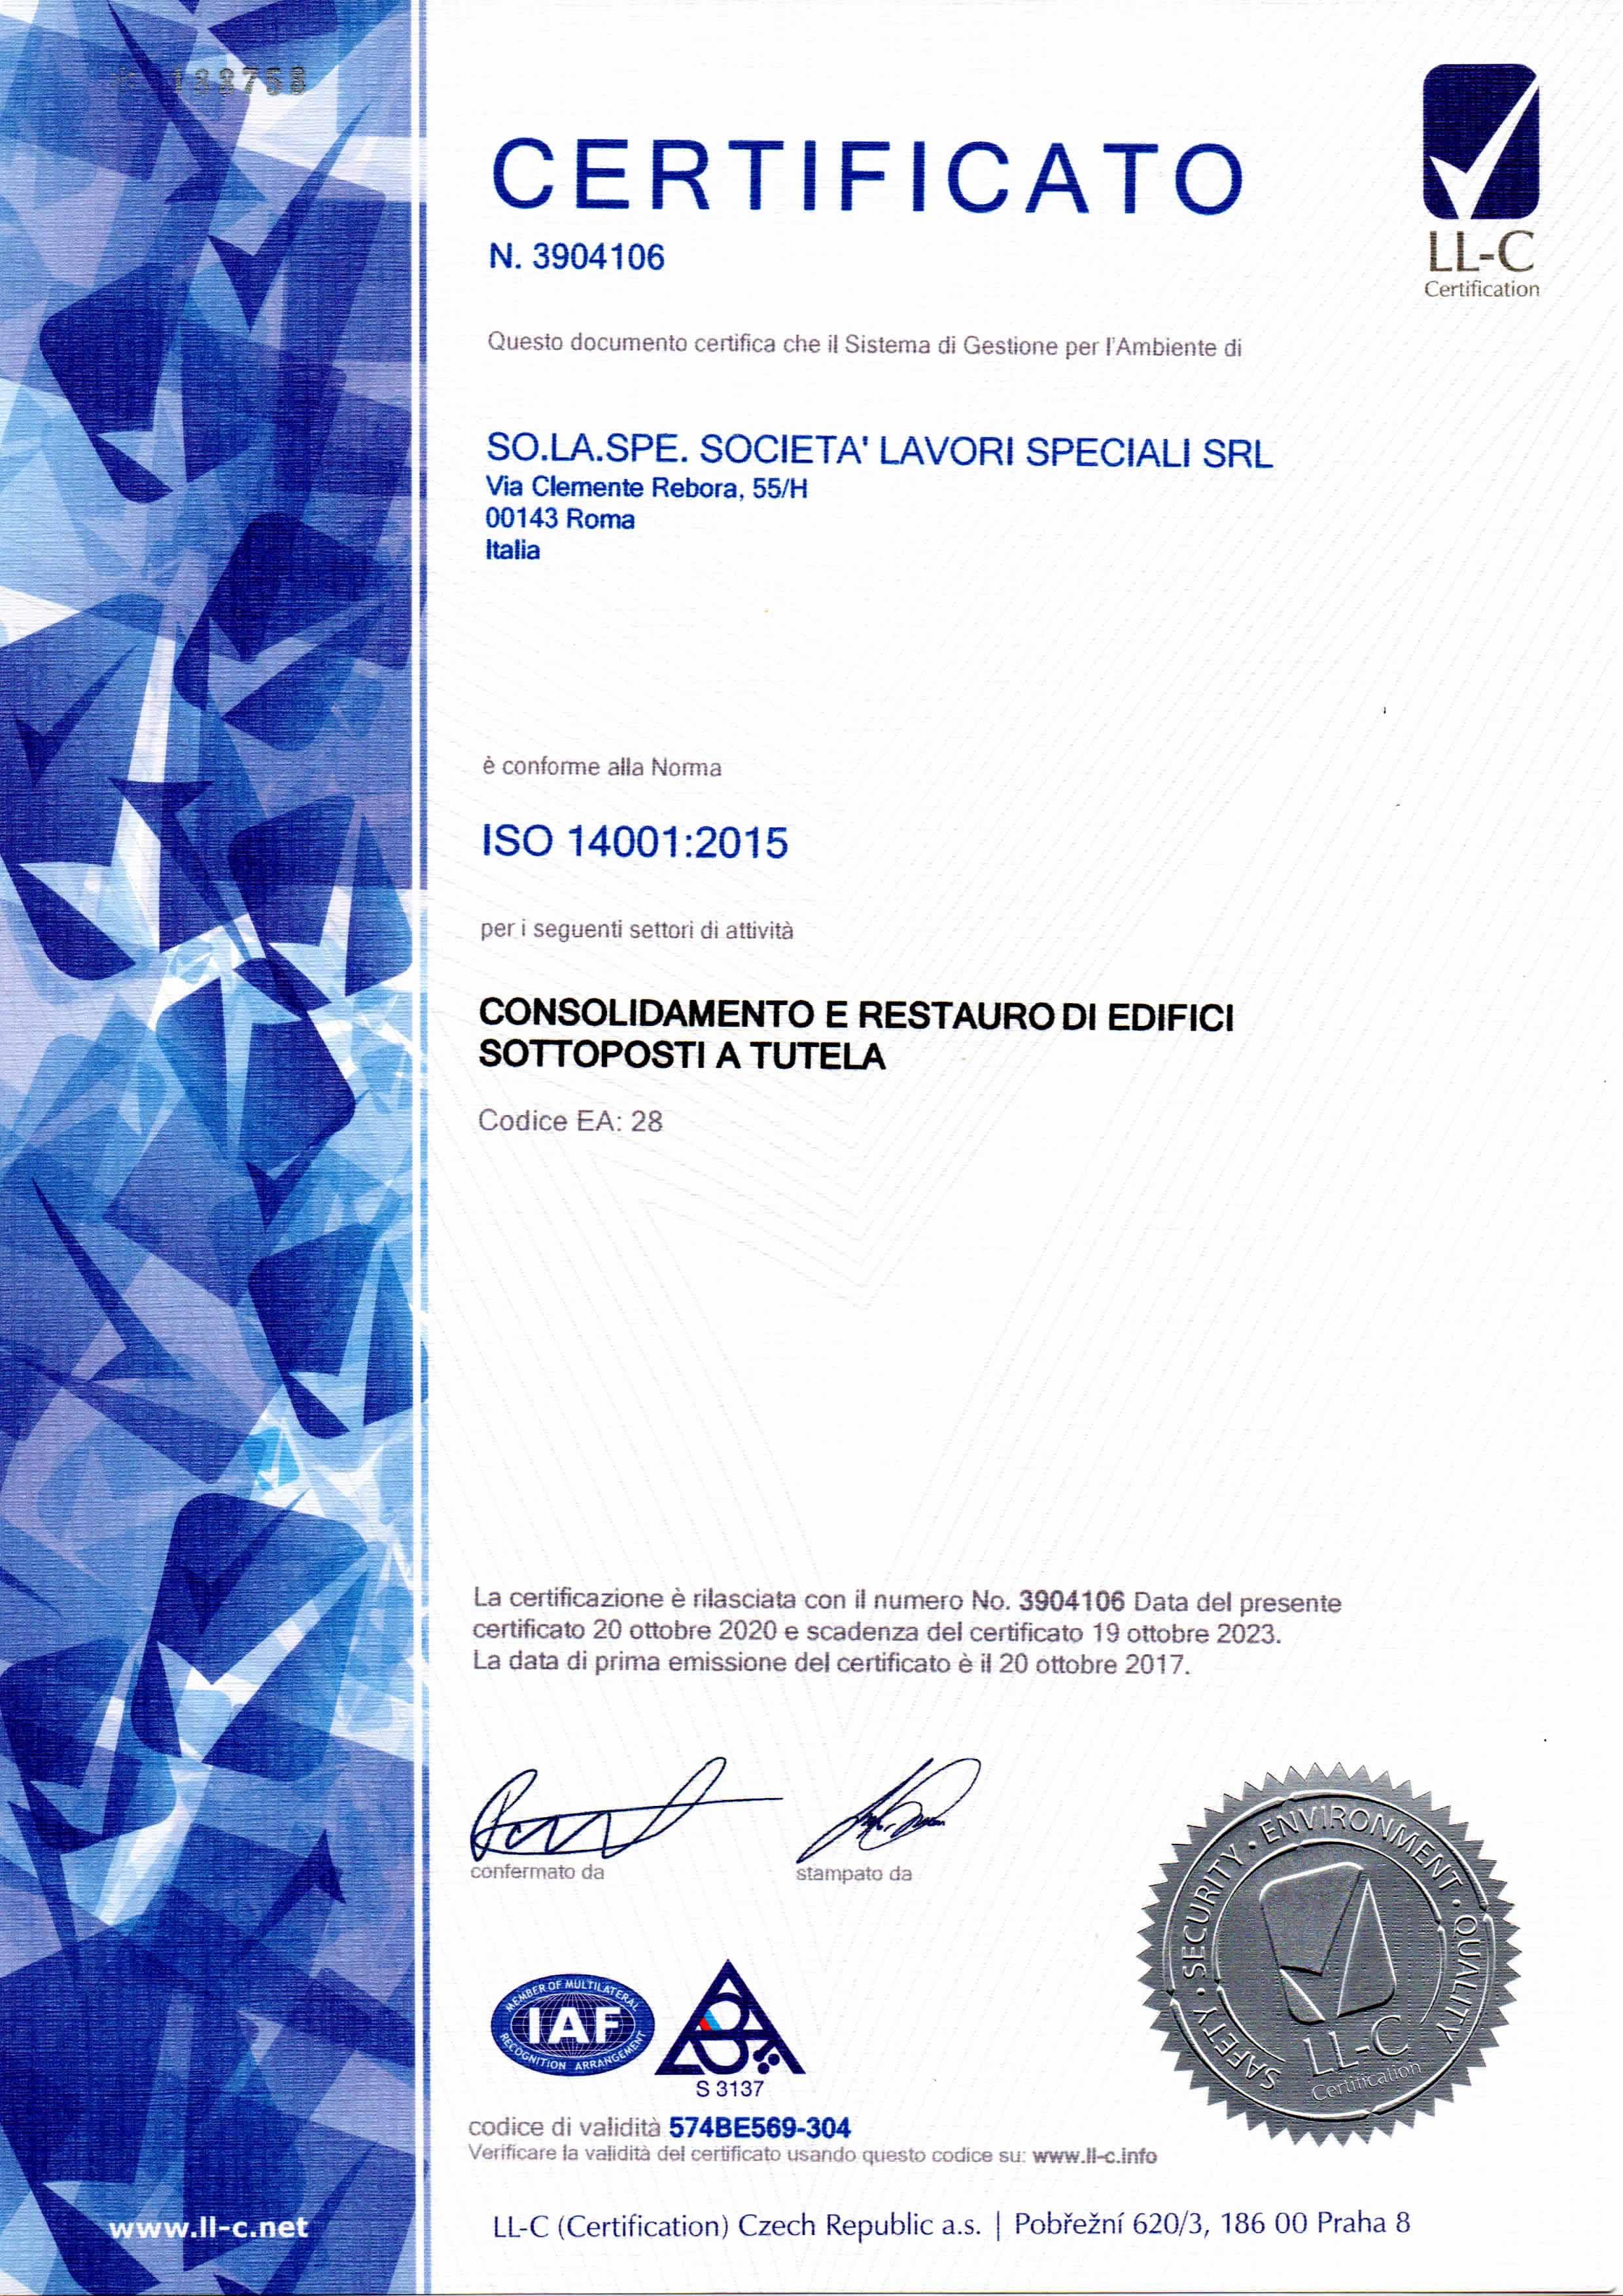 ISO 14001-2015 Solaspe